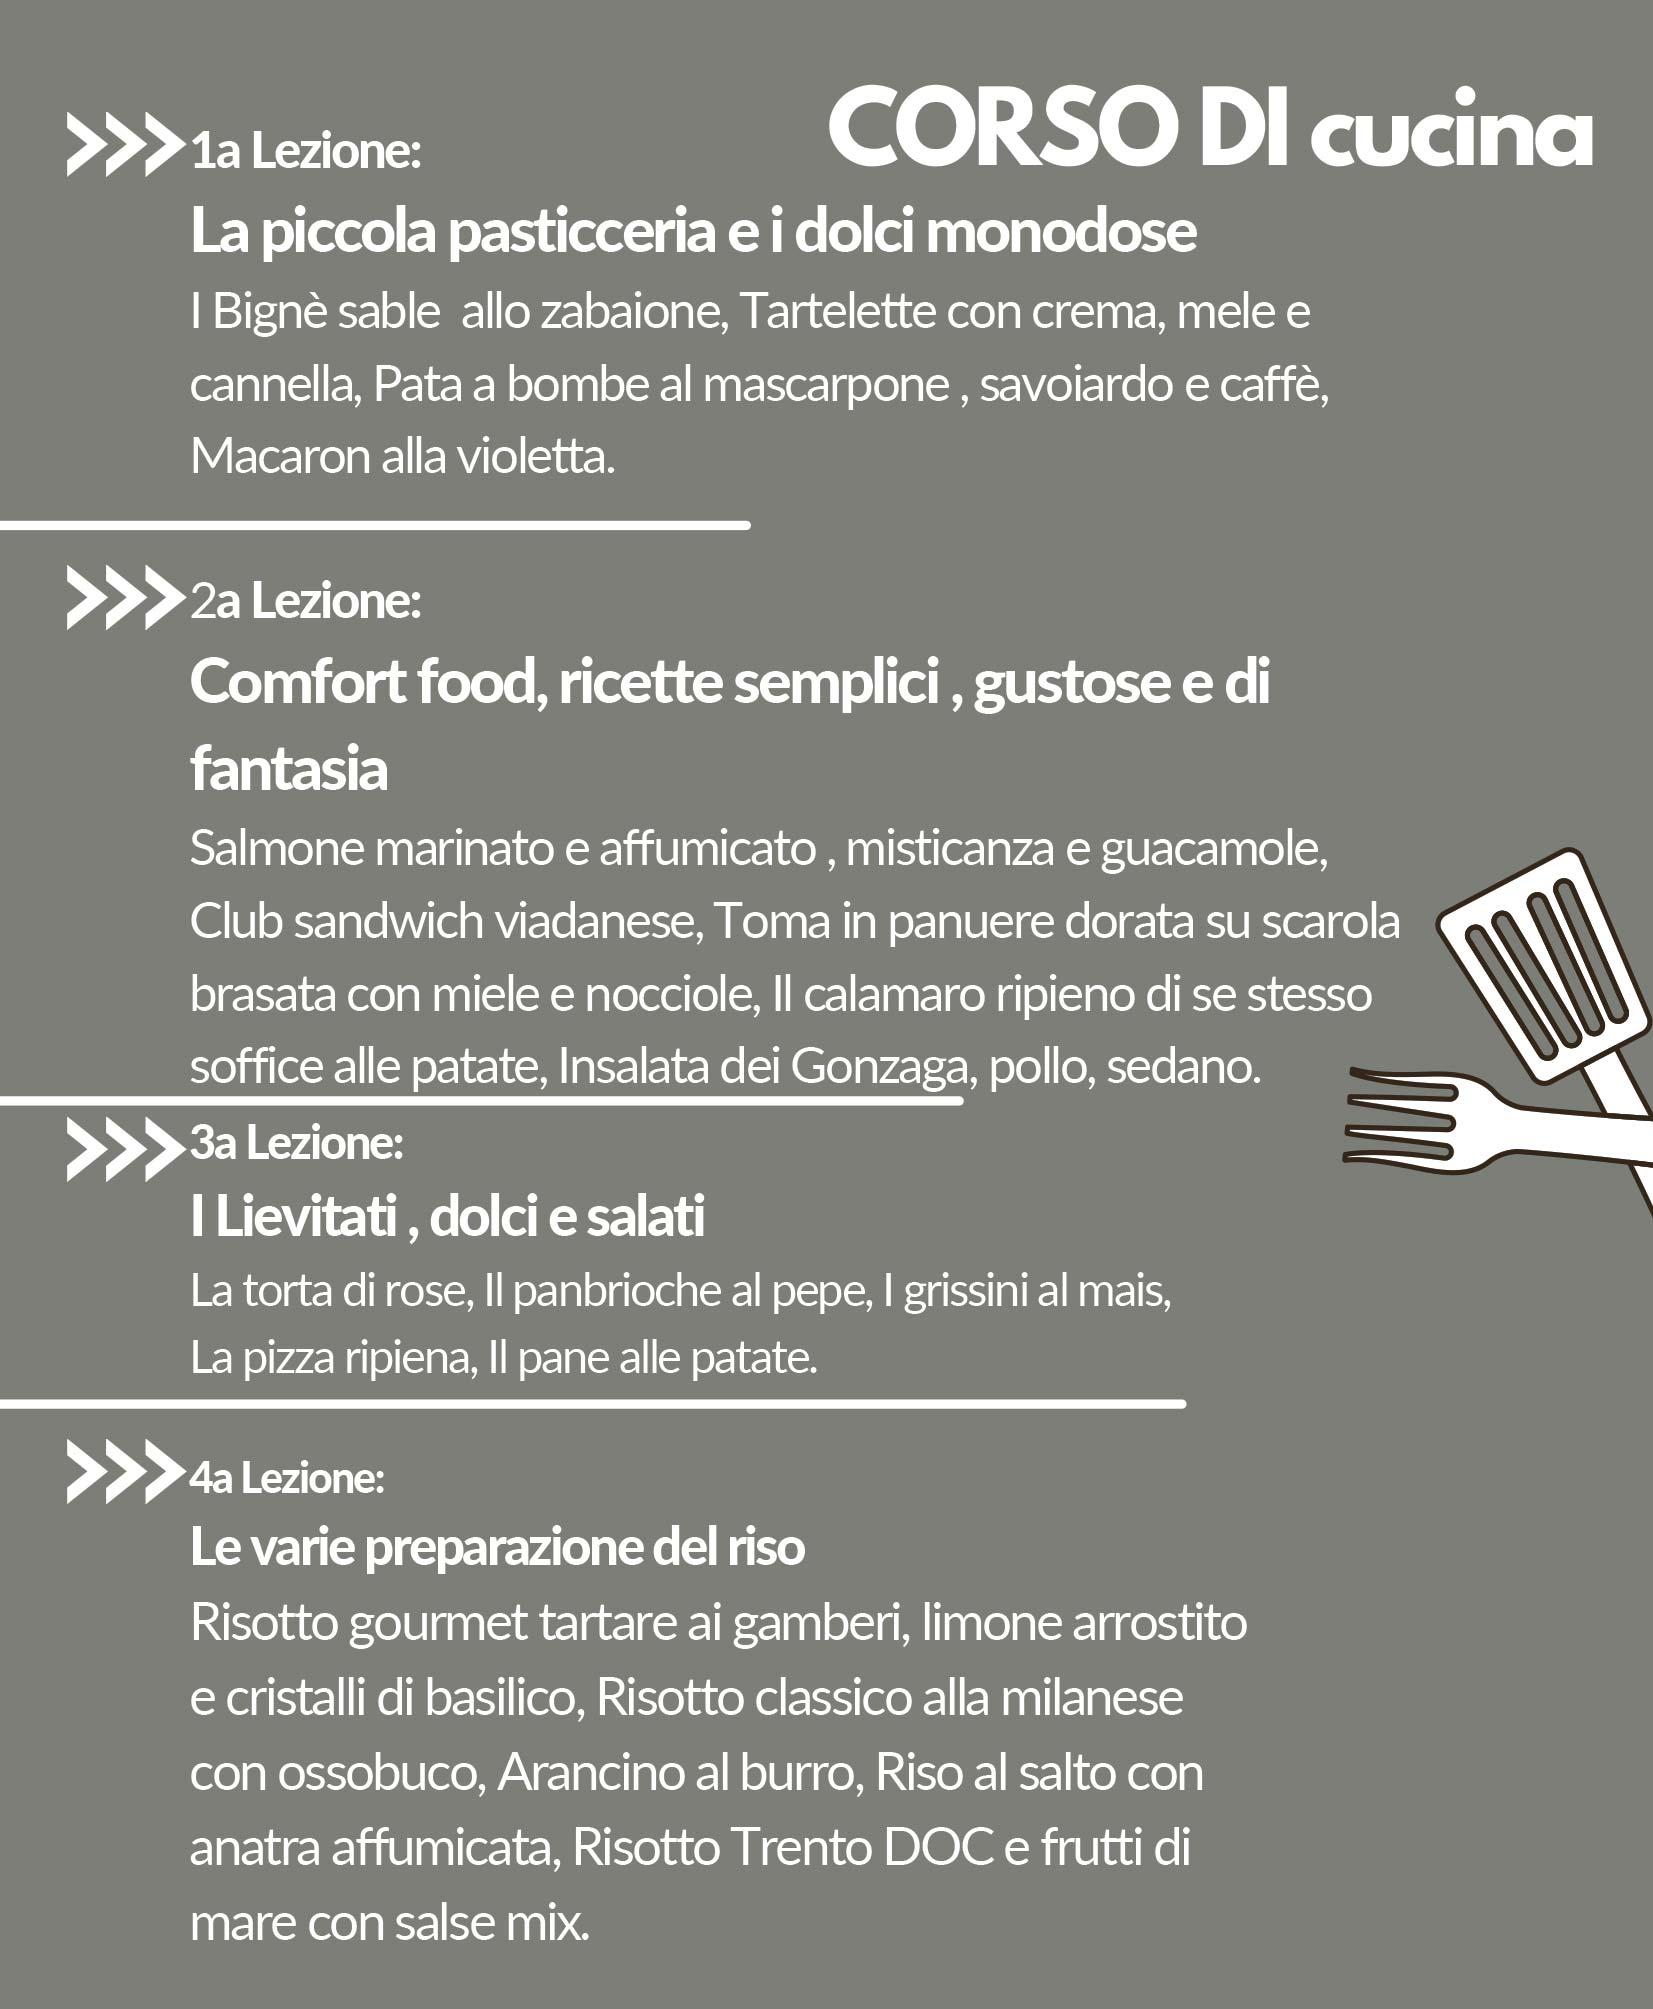 Proloco Viadana - Laboratori - Corso di cucina - Programma